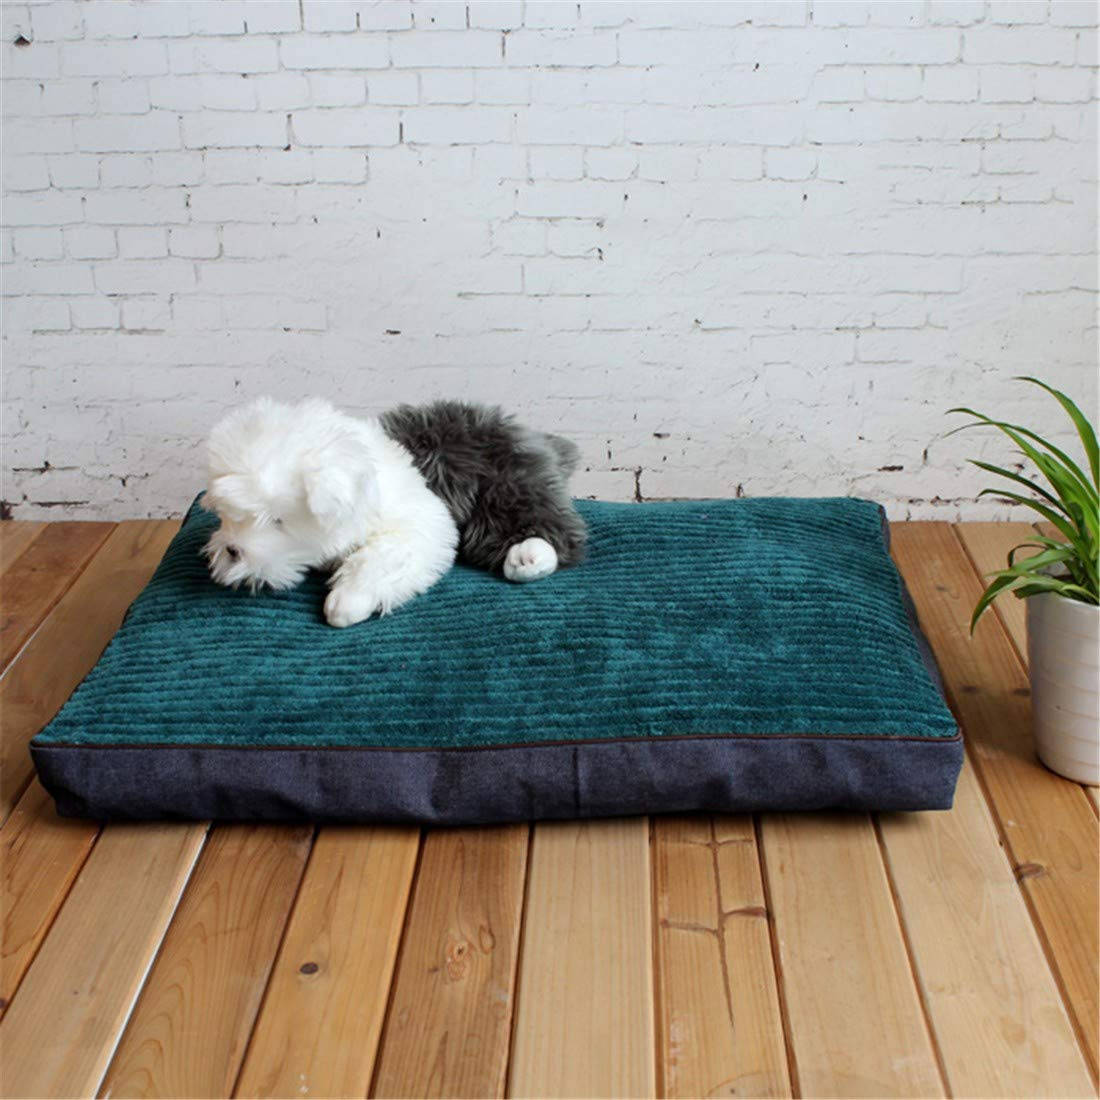 M 80X60X8cm STAZSX Dog pad pet nest Kennel cat Litter mat pet Supplies, M  80X60X8cm